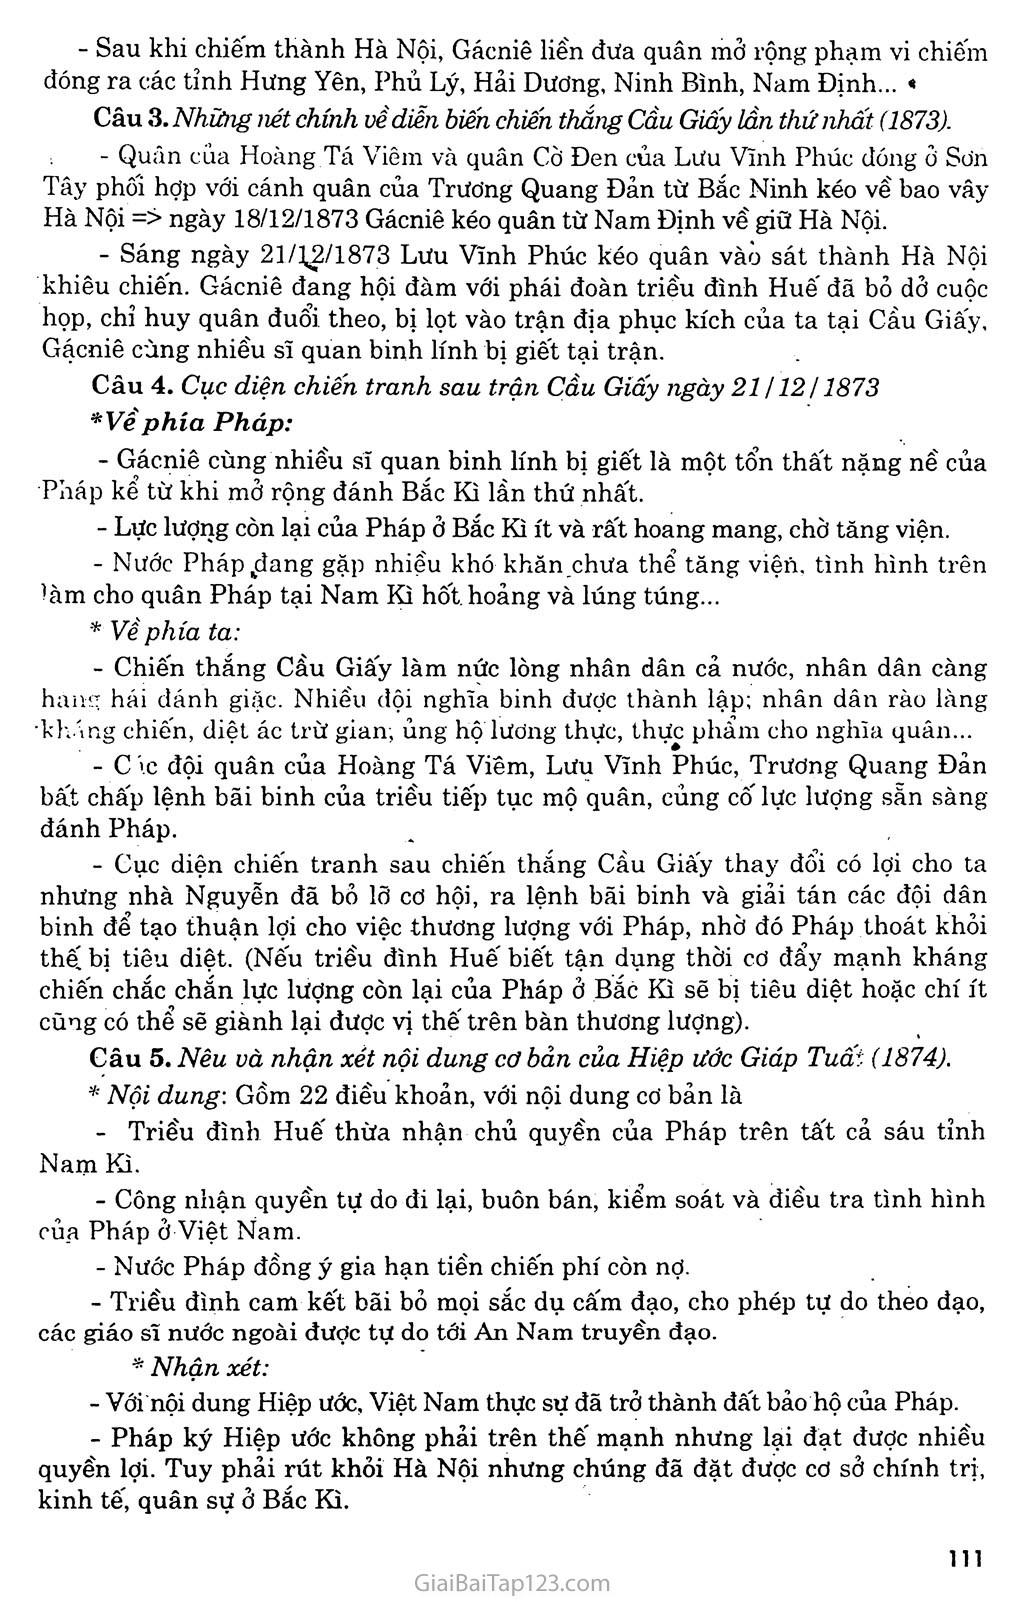 Bài 20: Chiến sự lan rộng ra cả nước: Cuộc kháng chiến của nhân dân ta từ năm 1873 đến năm 1884: Nhà Nguyễn đầu hàng trang 6